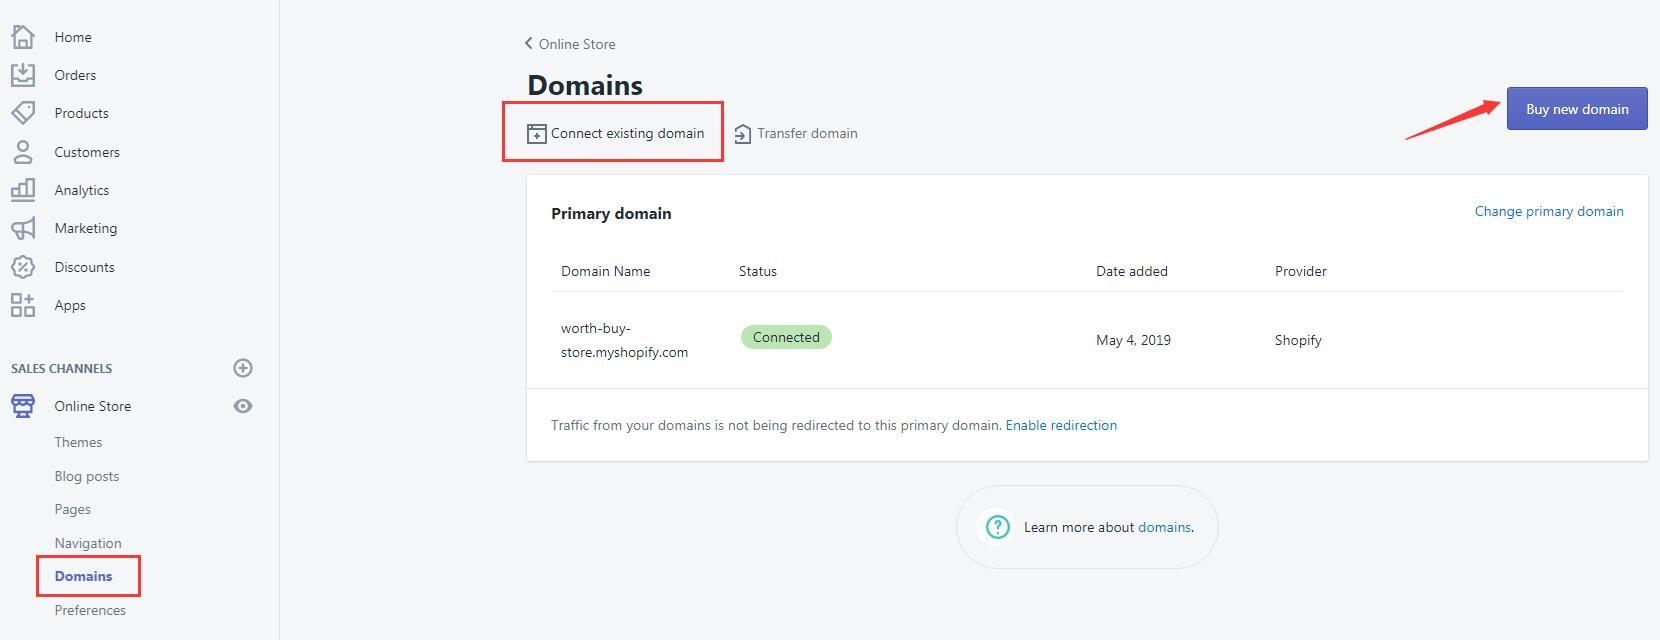 如何设置Shopify域名?教你一键解析Shopify域名|Shopify域名购买解析指南 14